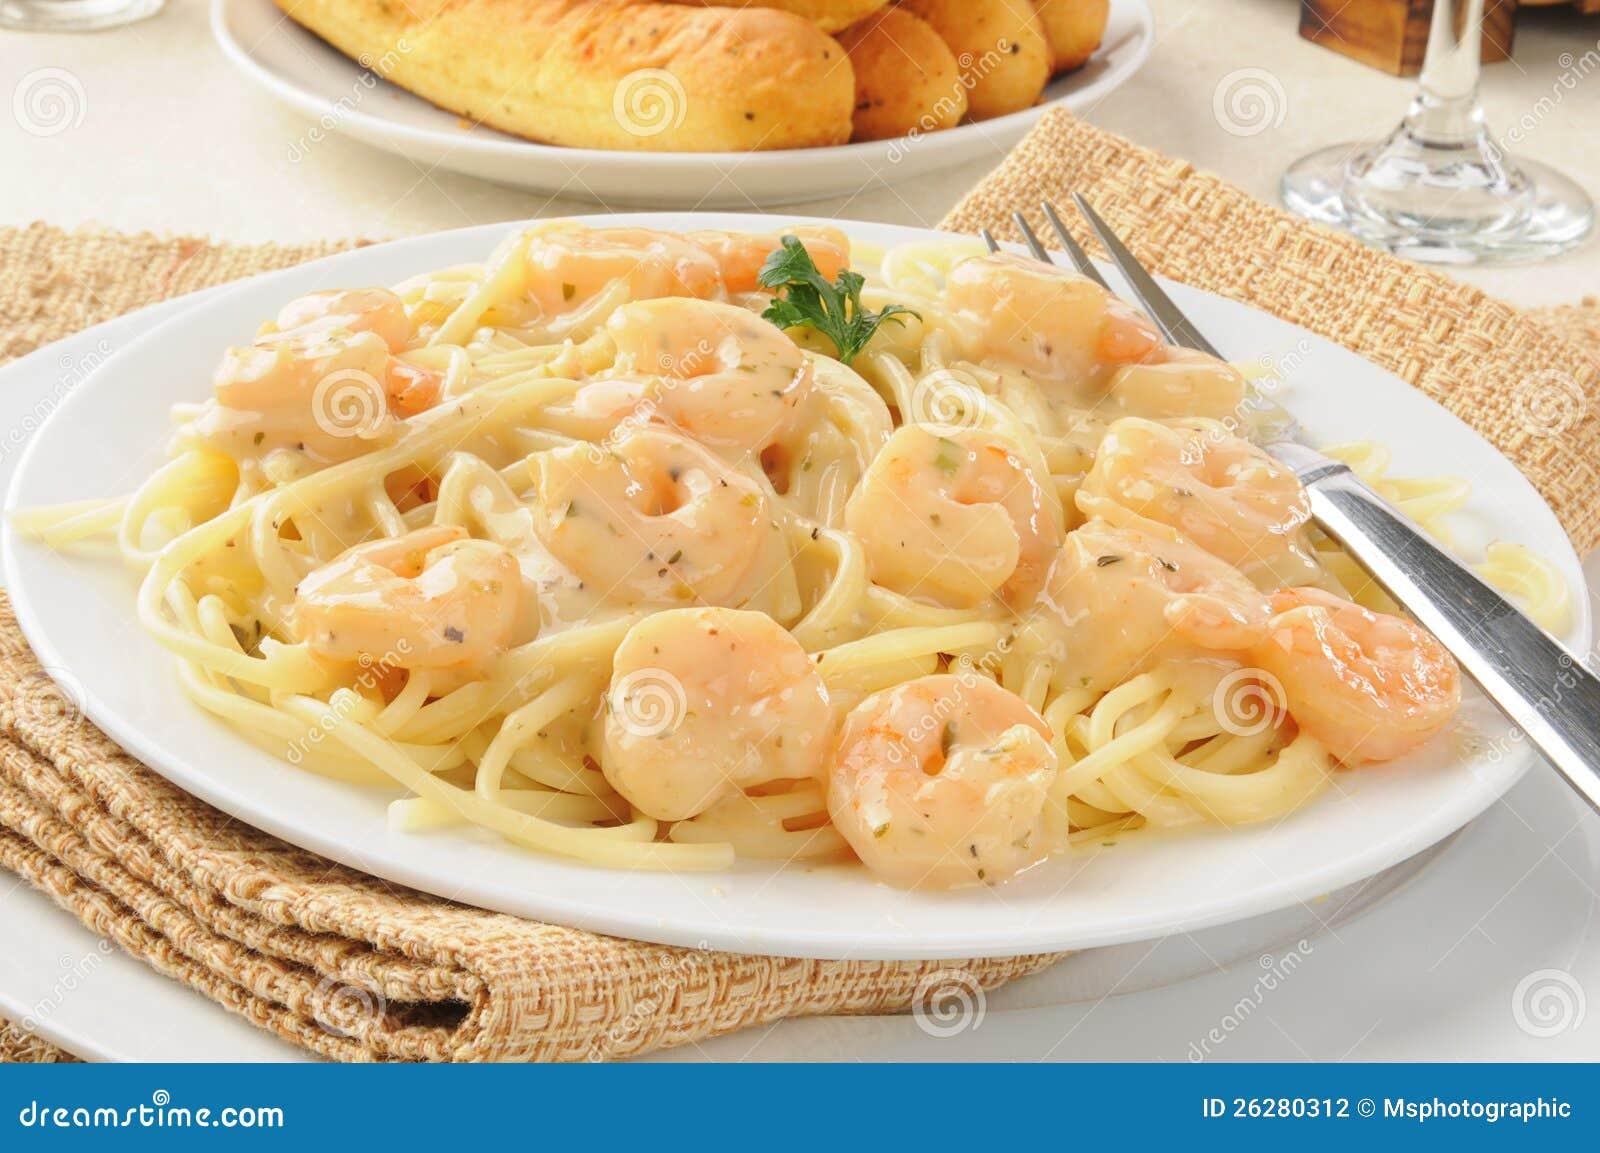 Как сделать креветки в сливочном соусе рецепт с фото пошагово